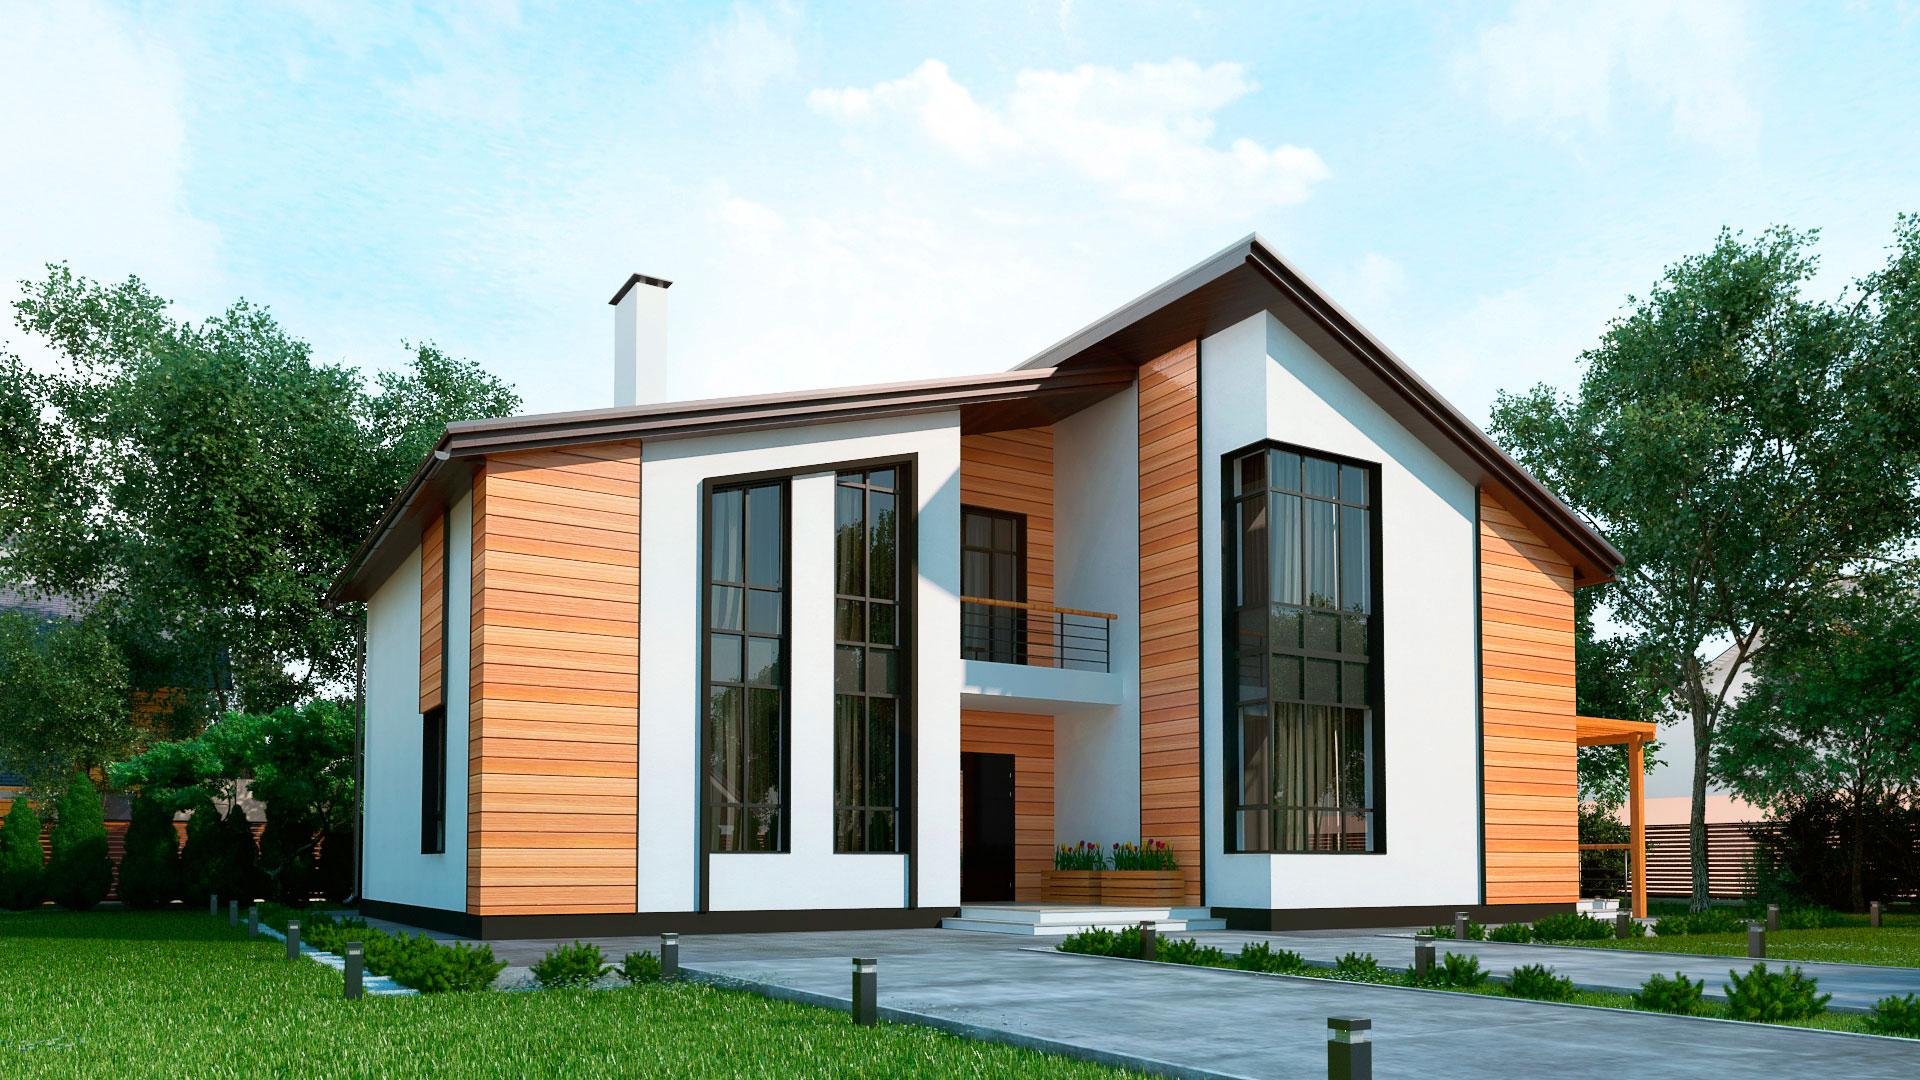 Передний фасад двухэтажного шестикомнатного дома с террасой и балконом, проект БЭНПАН МС-296.